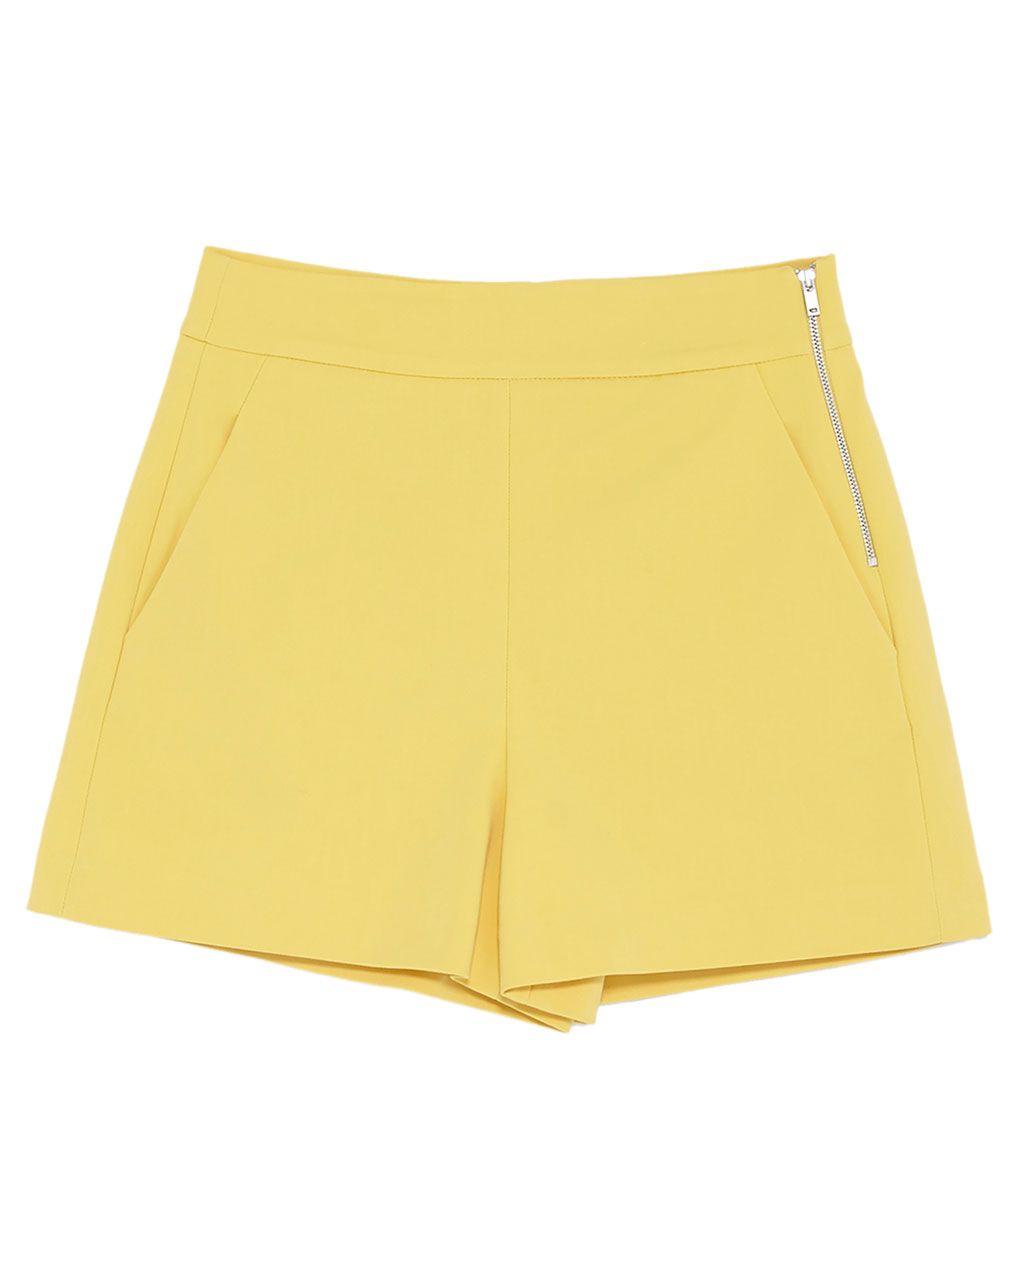 Way Tiro Alto Milky España Shorts MujerZara Short T3KJlc1F